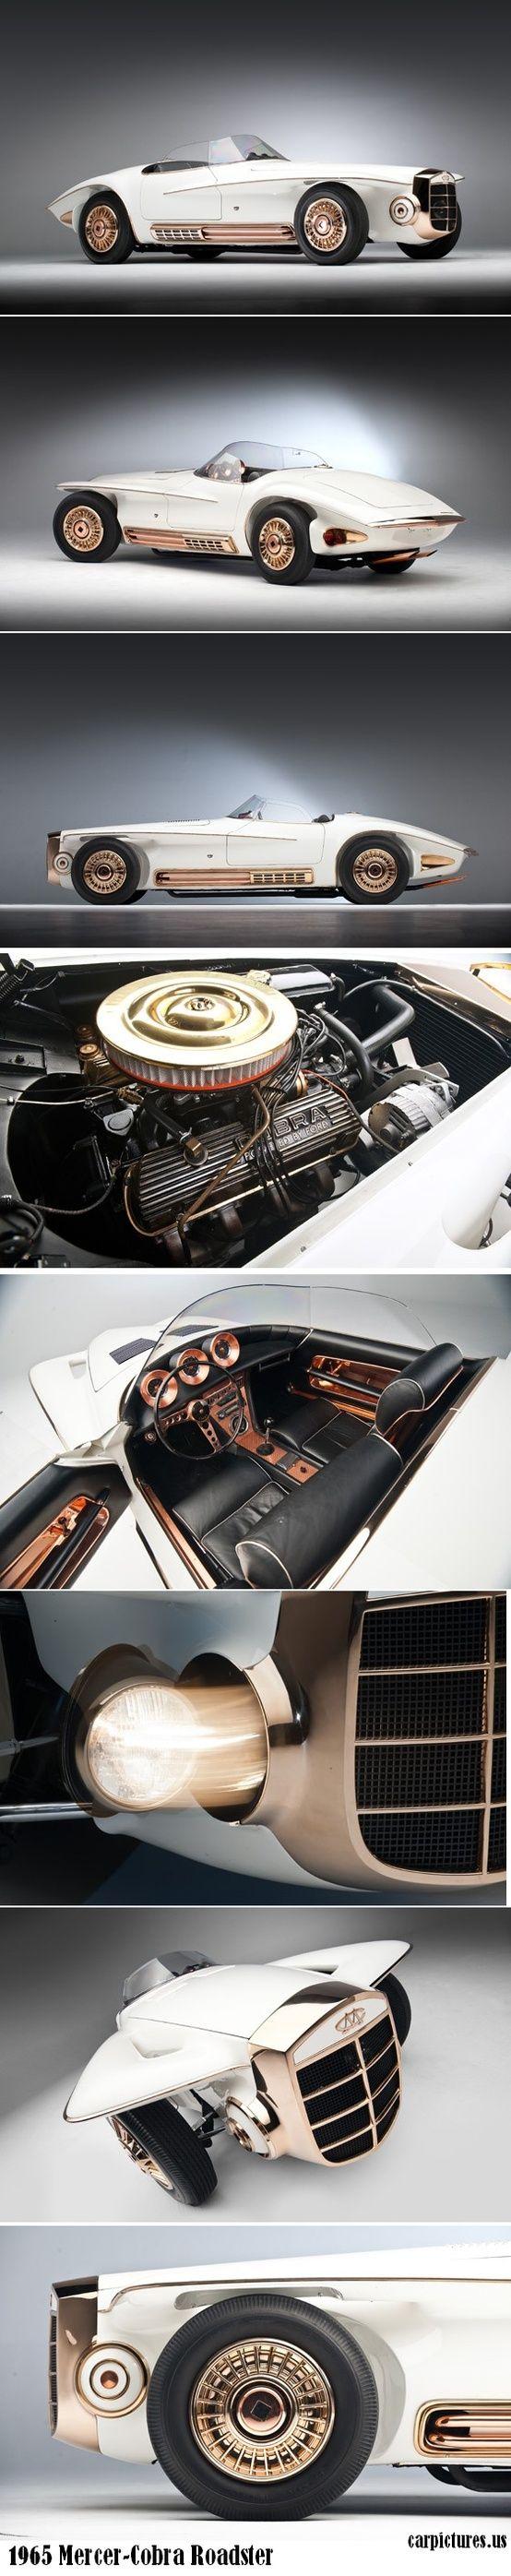 1965 Mercer-Cobra Roadster 289 V8...